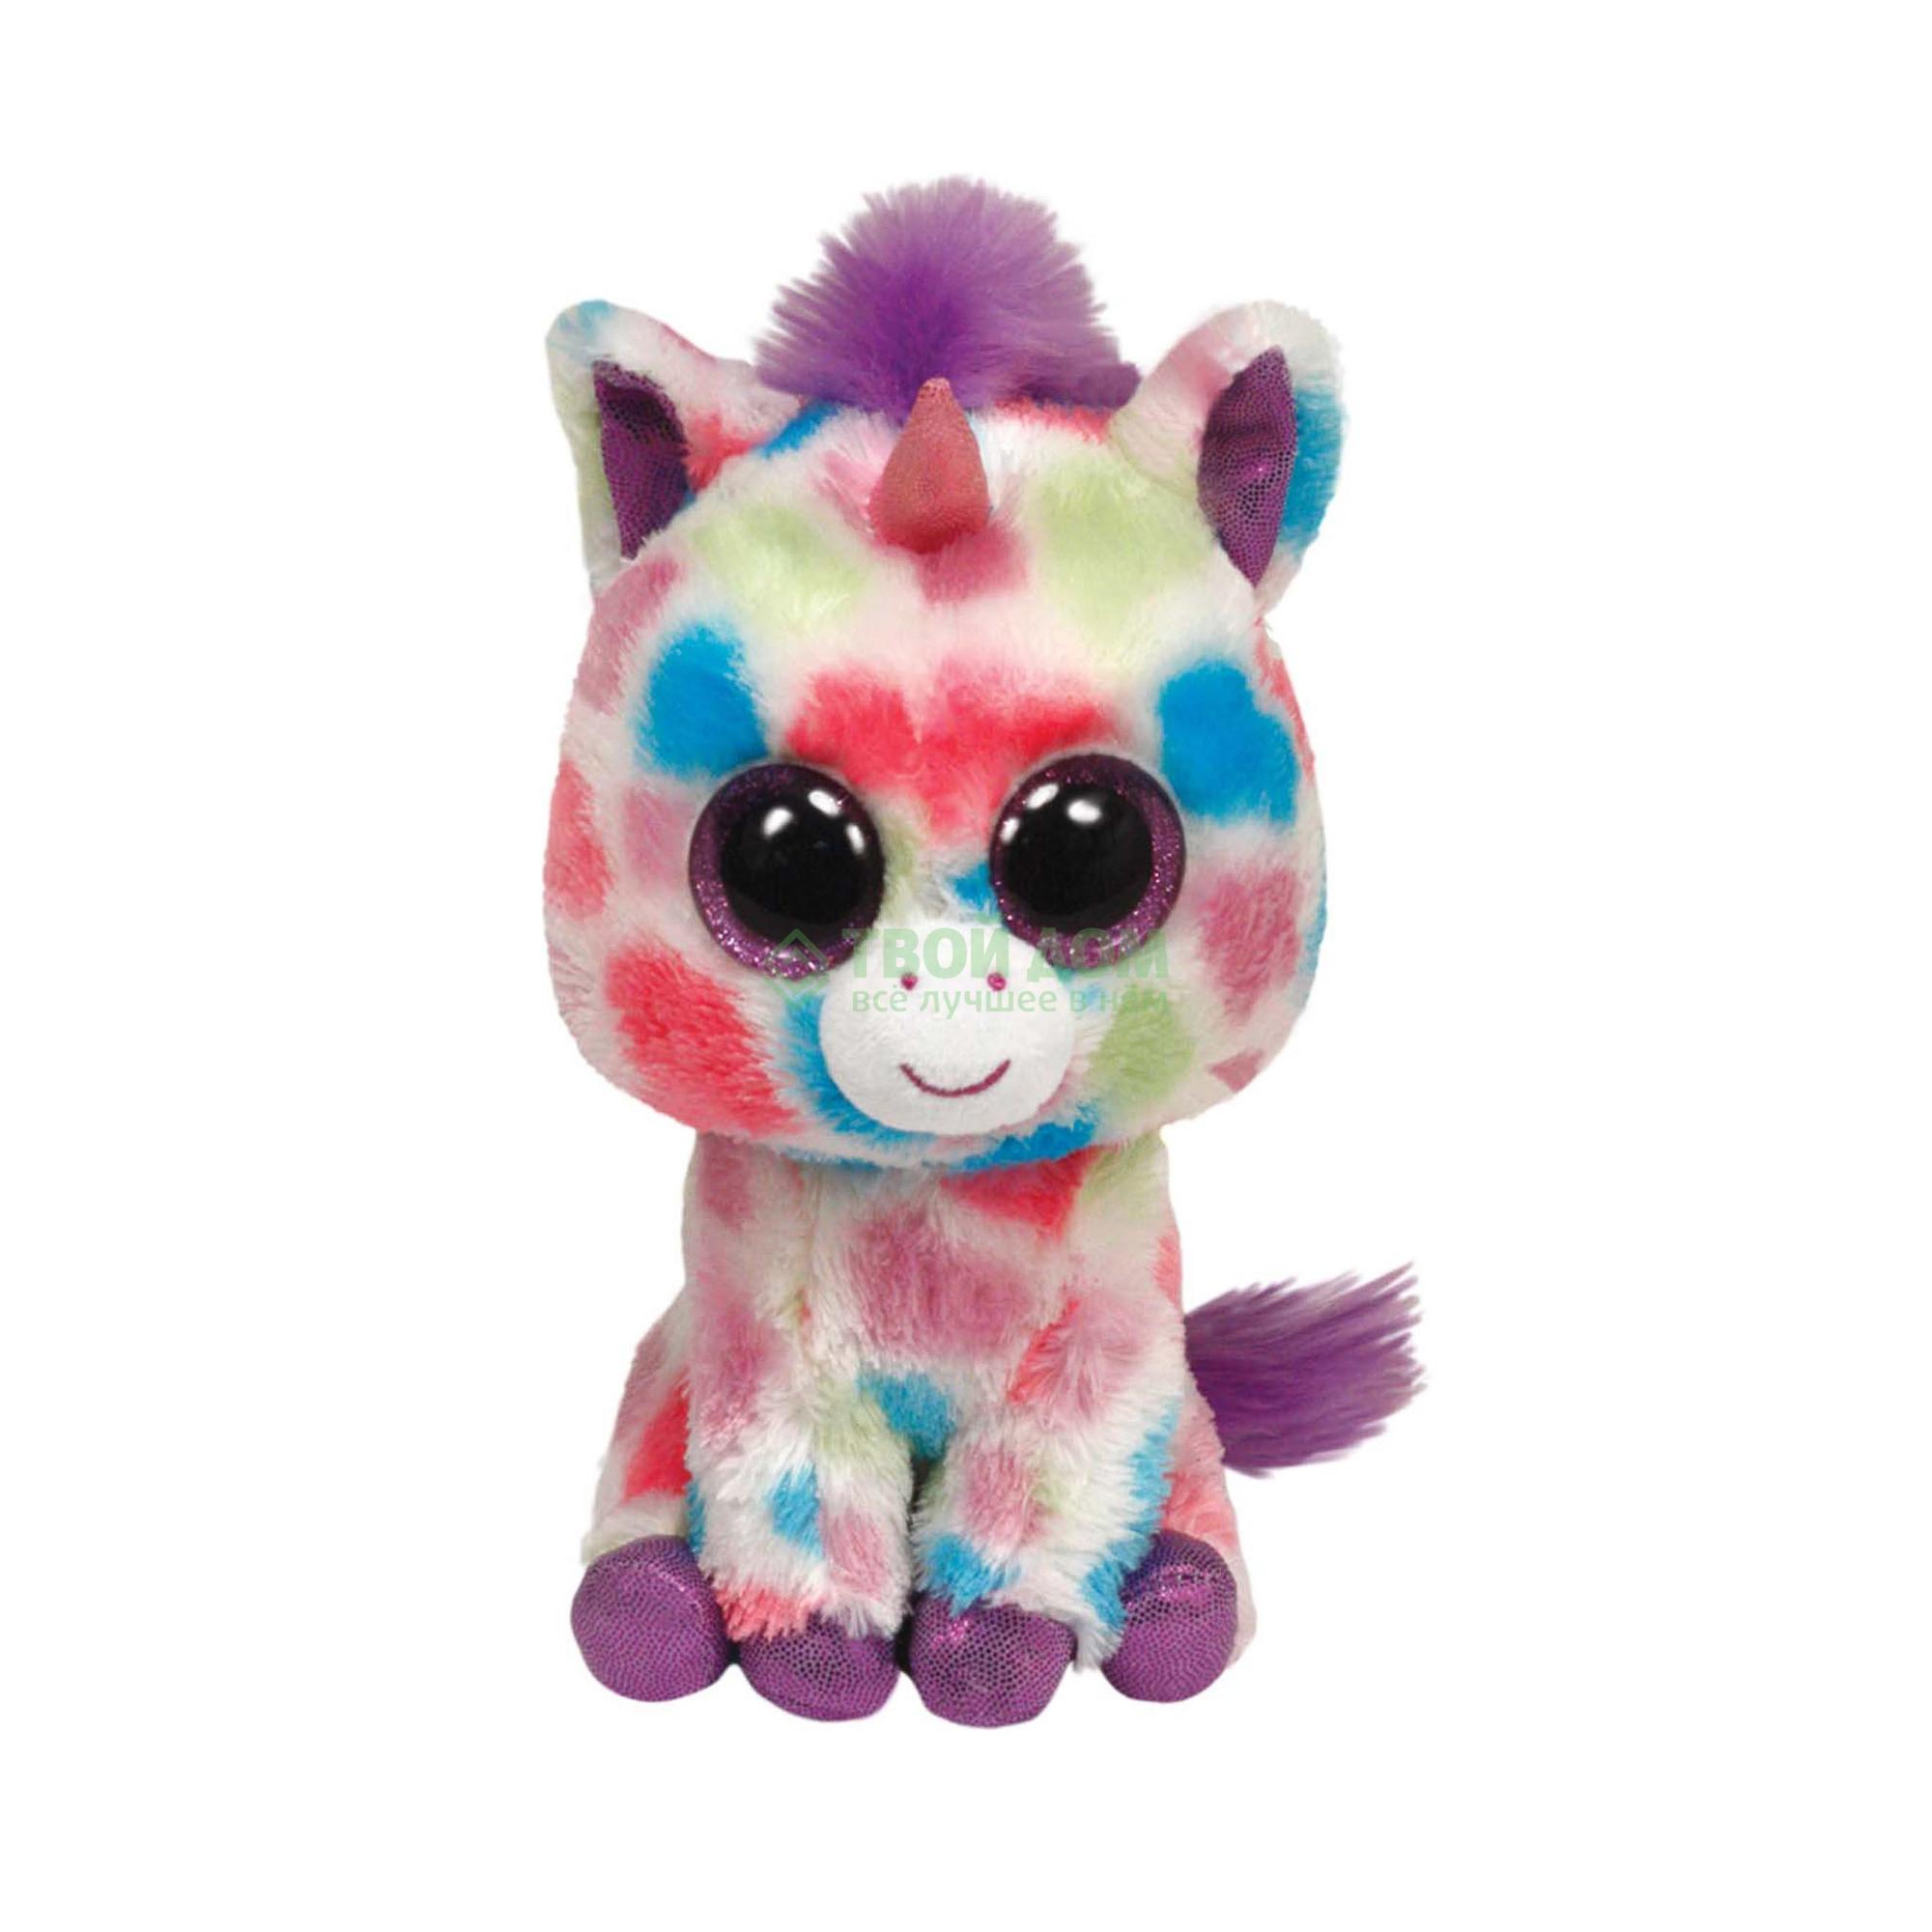 Мягкая игрушка Ty 36982 Beanie Boos Единорог Wishful